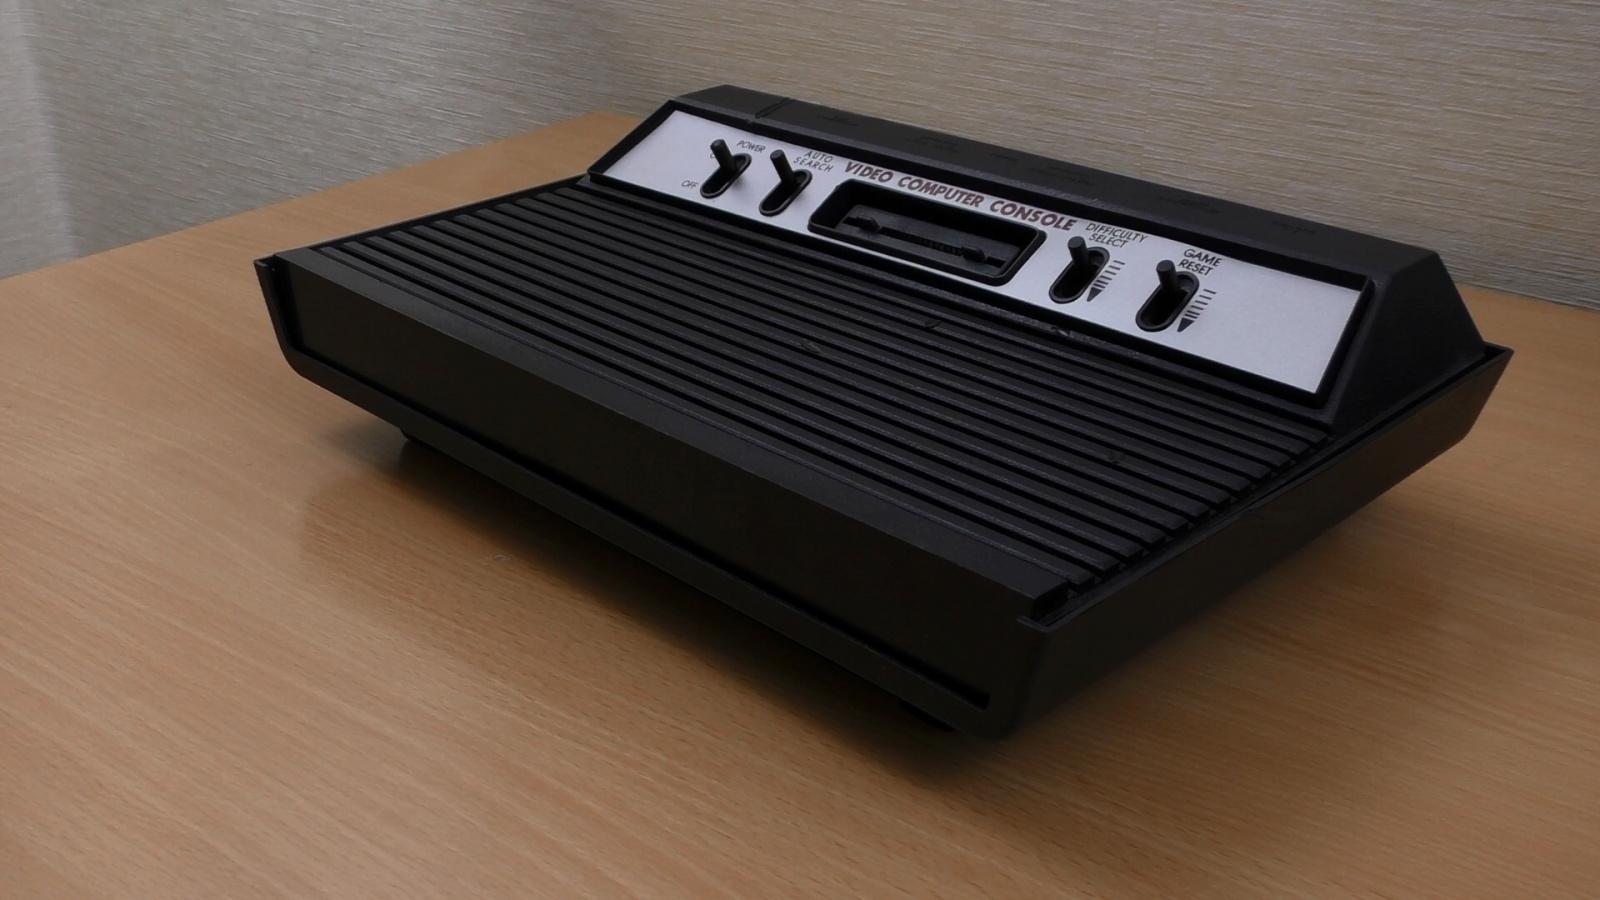 Rambo TV Games (Atari 2600) [статья с кучей фото и капелькой видео] - 16